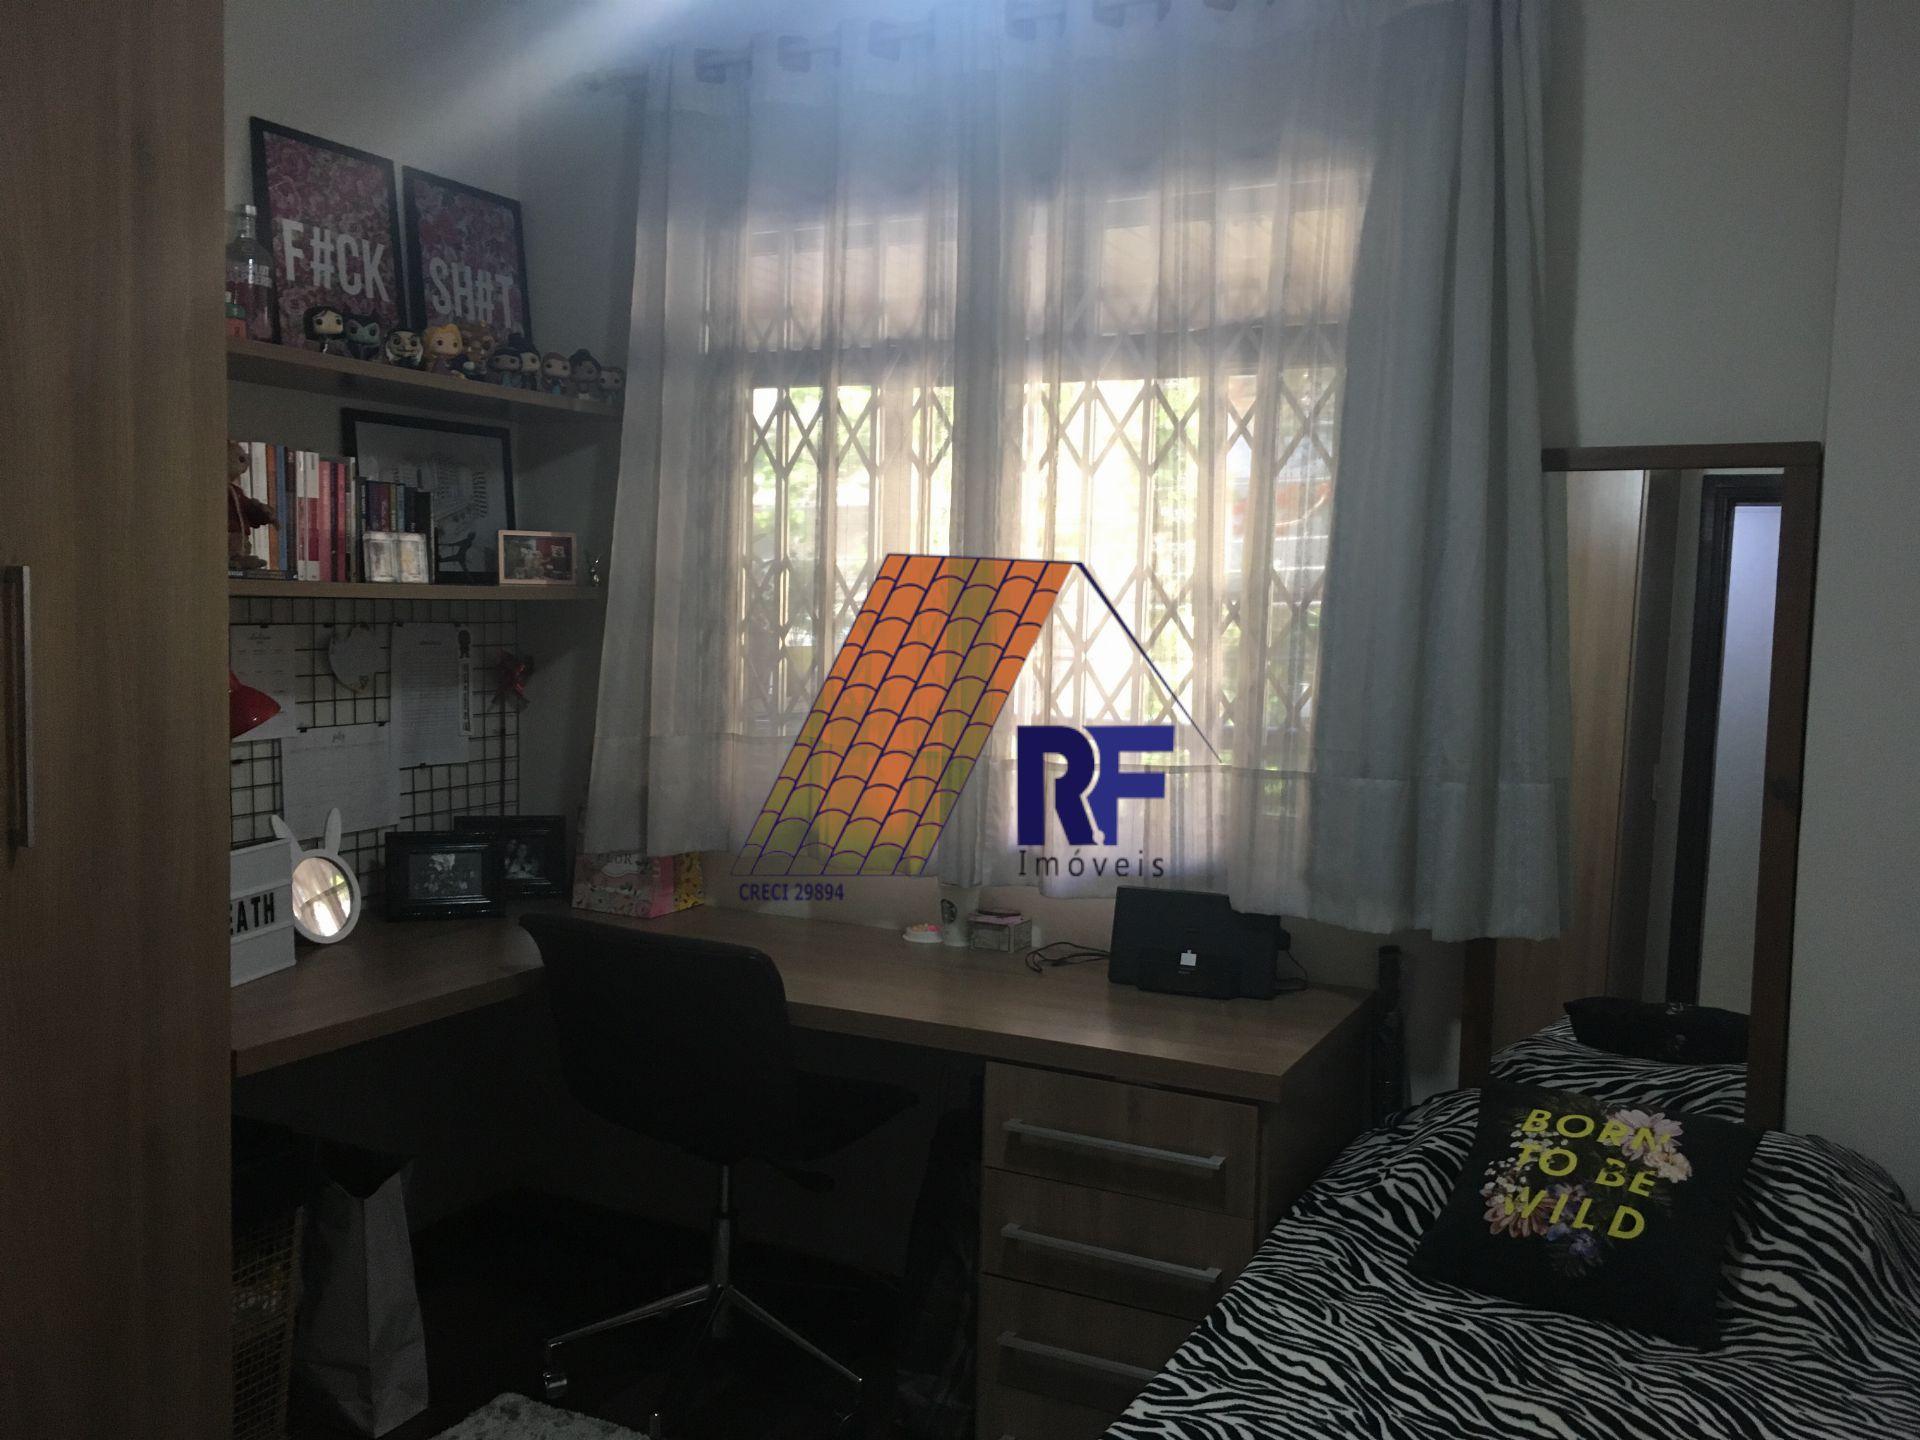 FOTO 9 - Apartamento à venda Rua Águas Mornas,Vila Valqueire, Rio de Janeiro - R$ 580.000 - RF130 - 10